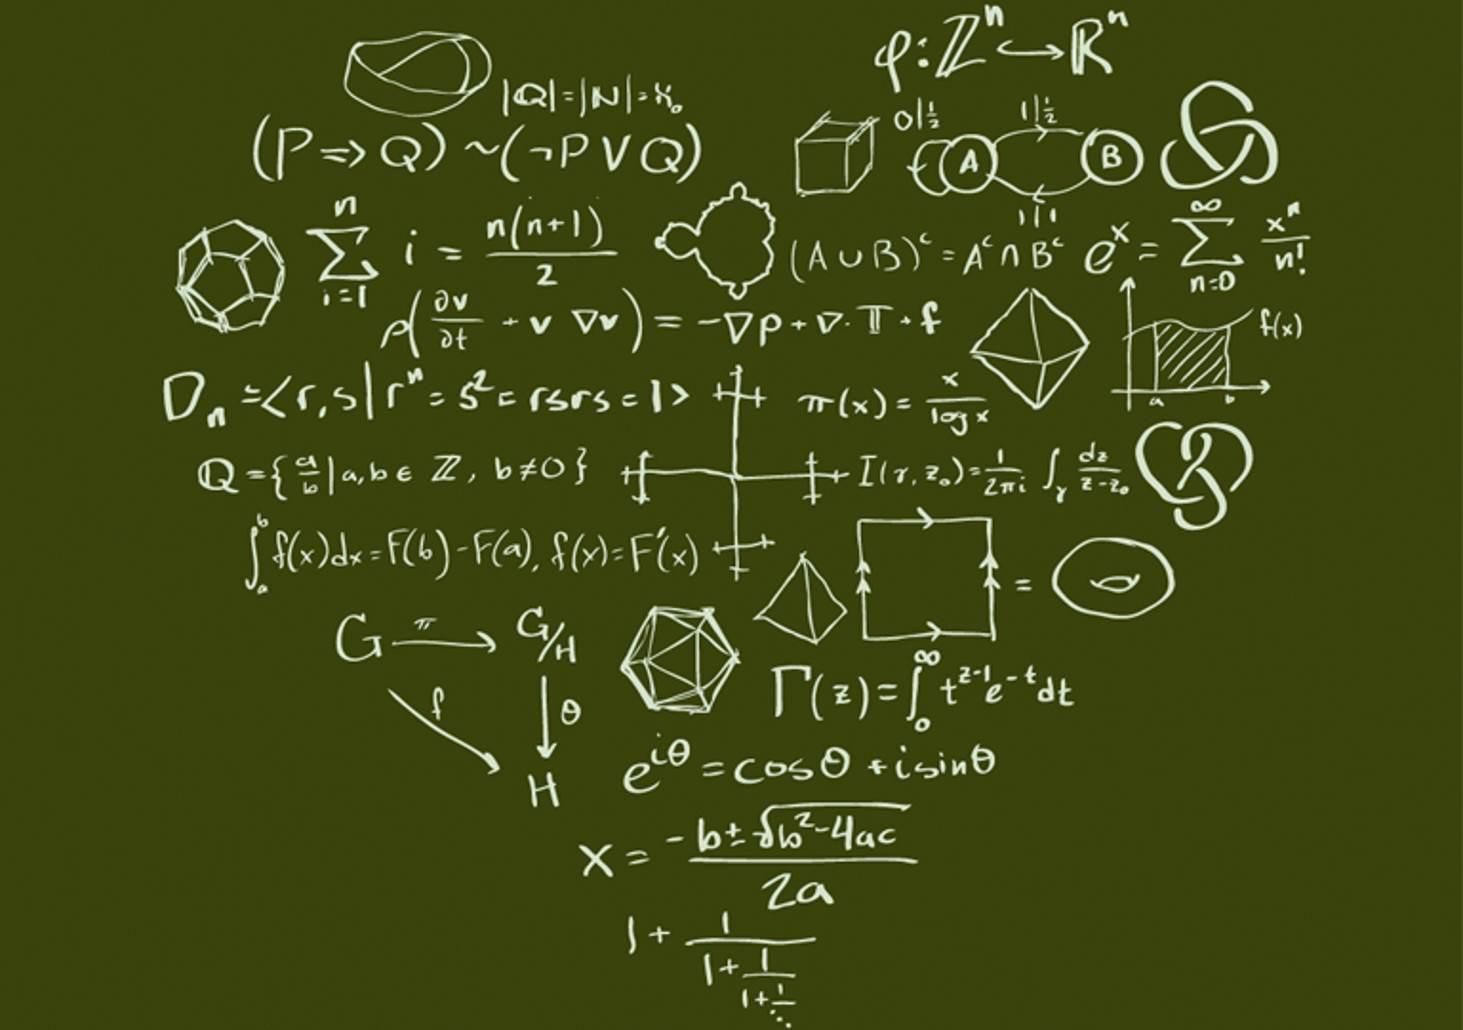 shest-sposobov-uvlech-rebenka-matematikoj